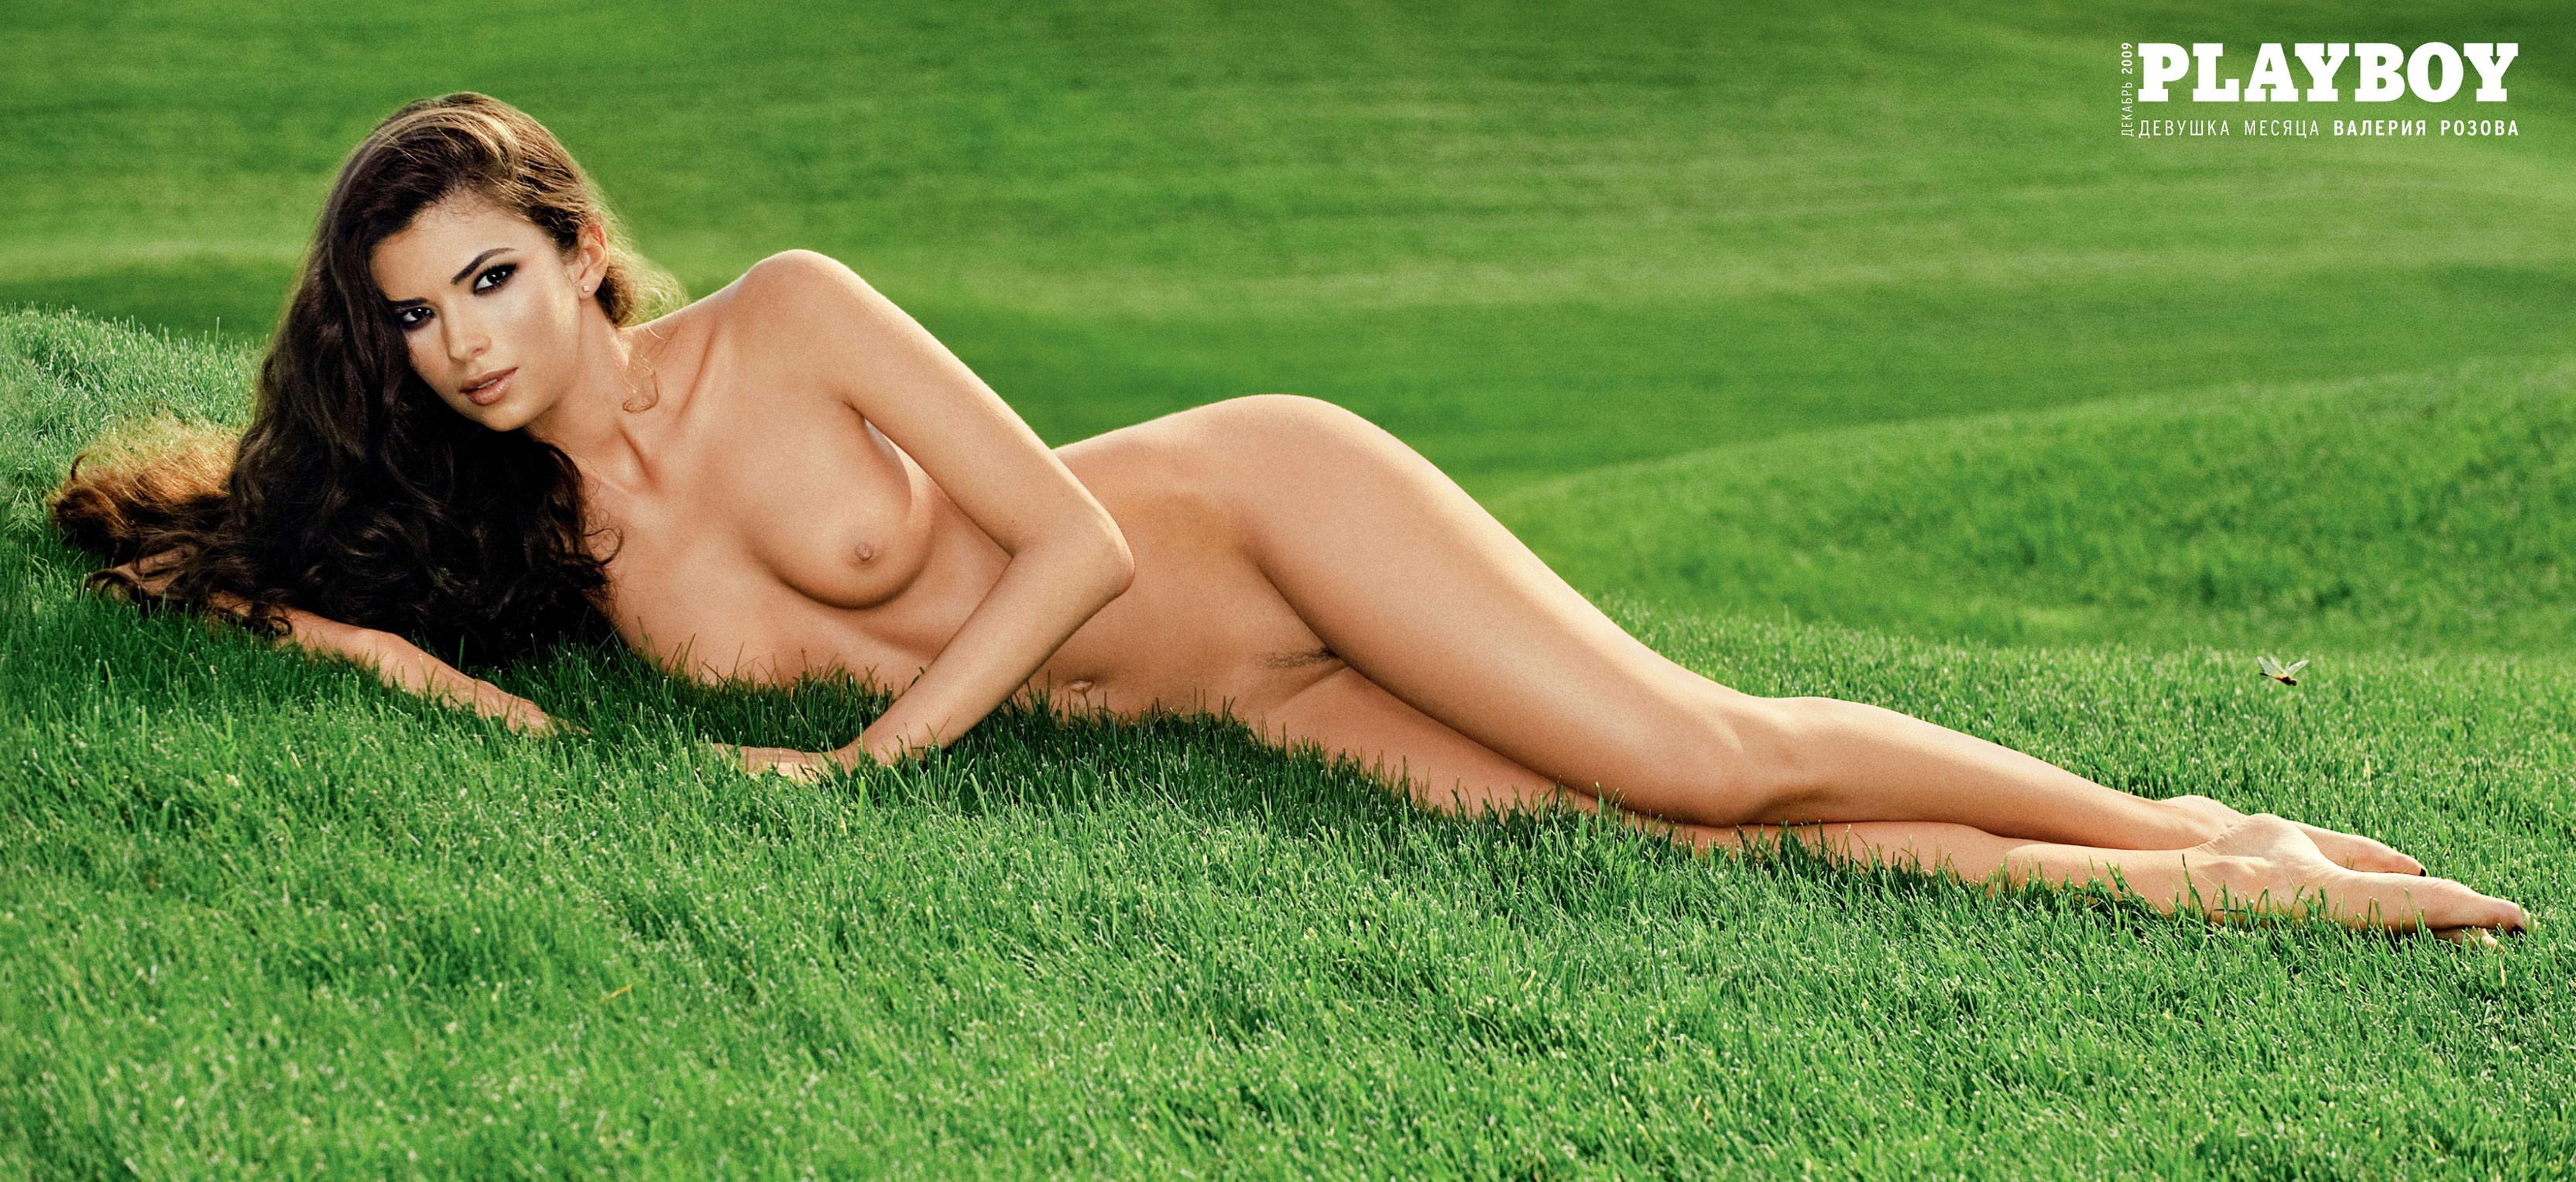 Валерия Розова в украинском Playboy, декабрь 2009